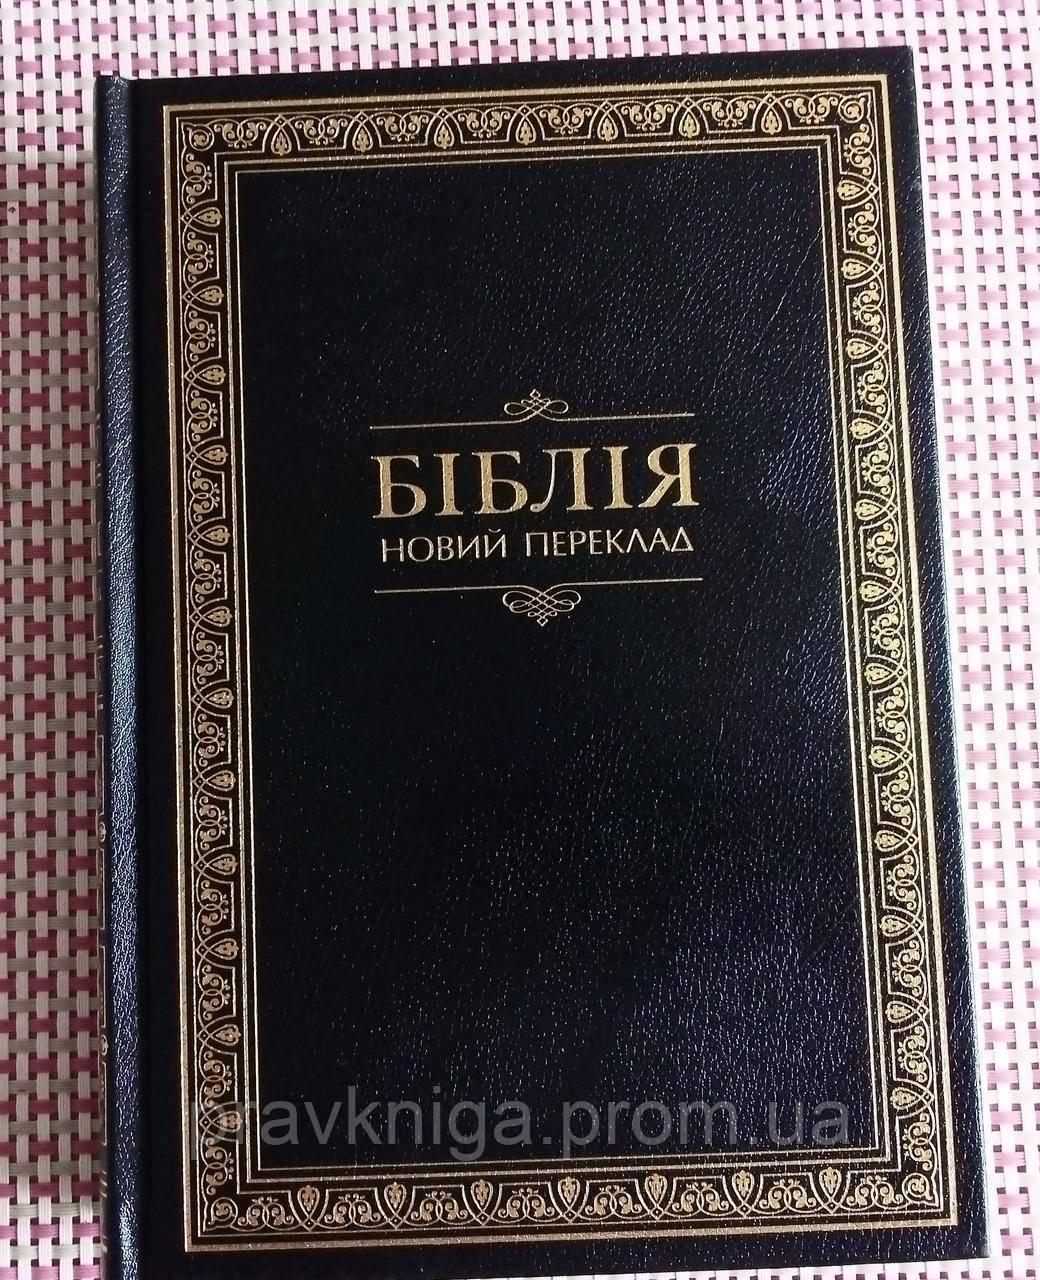 Біблія на українській мові. Тверда обкладинка.